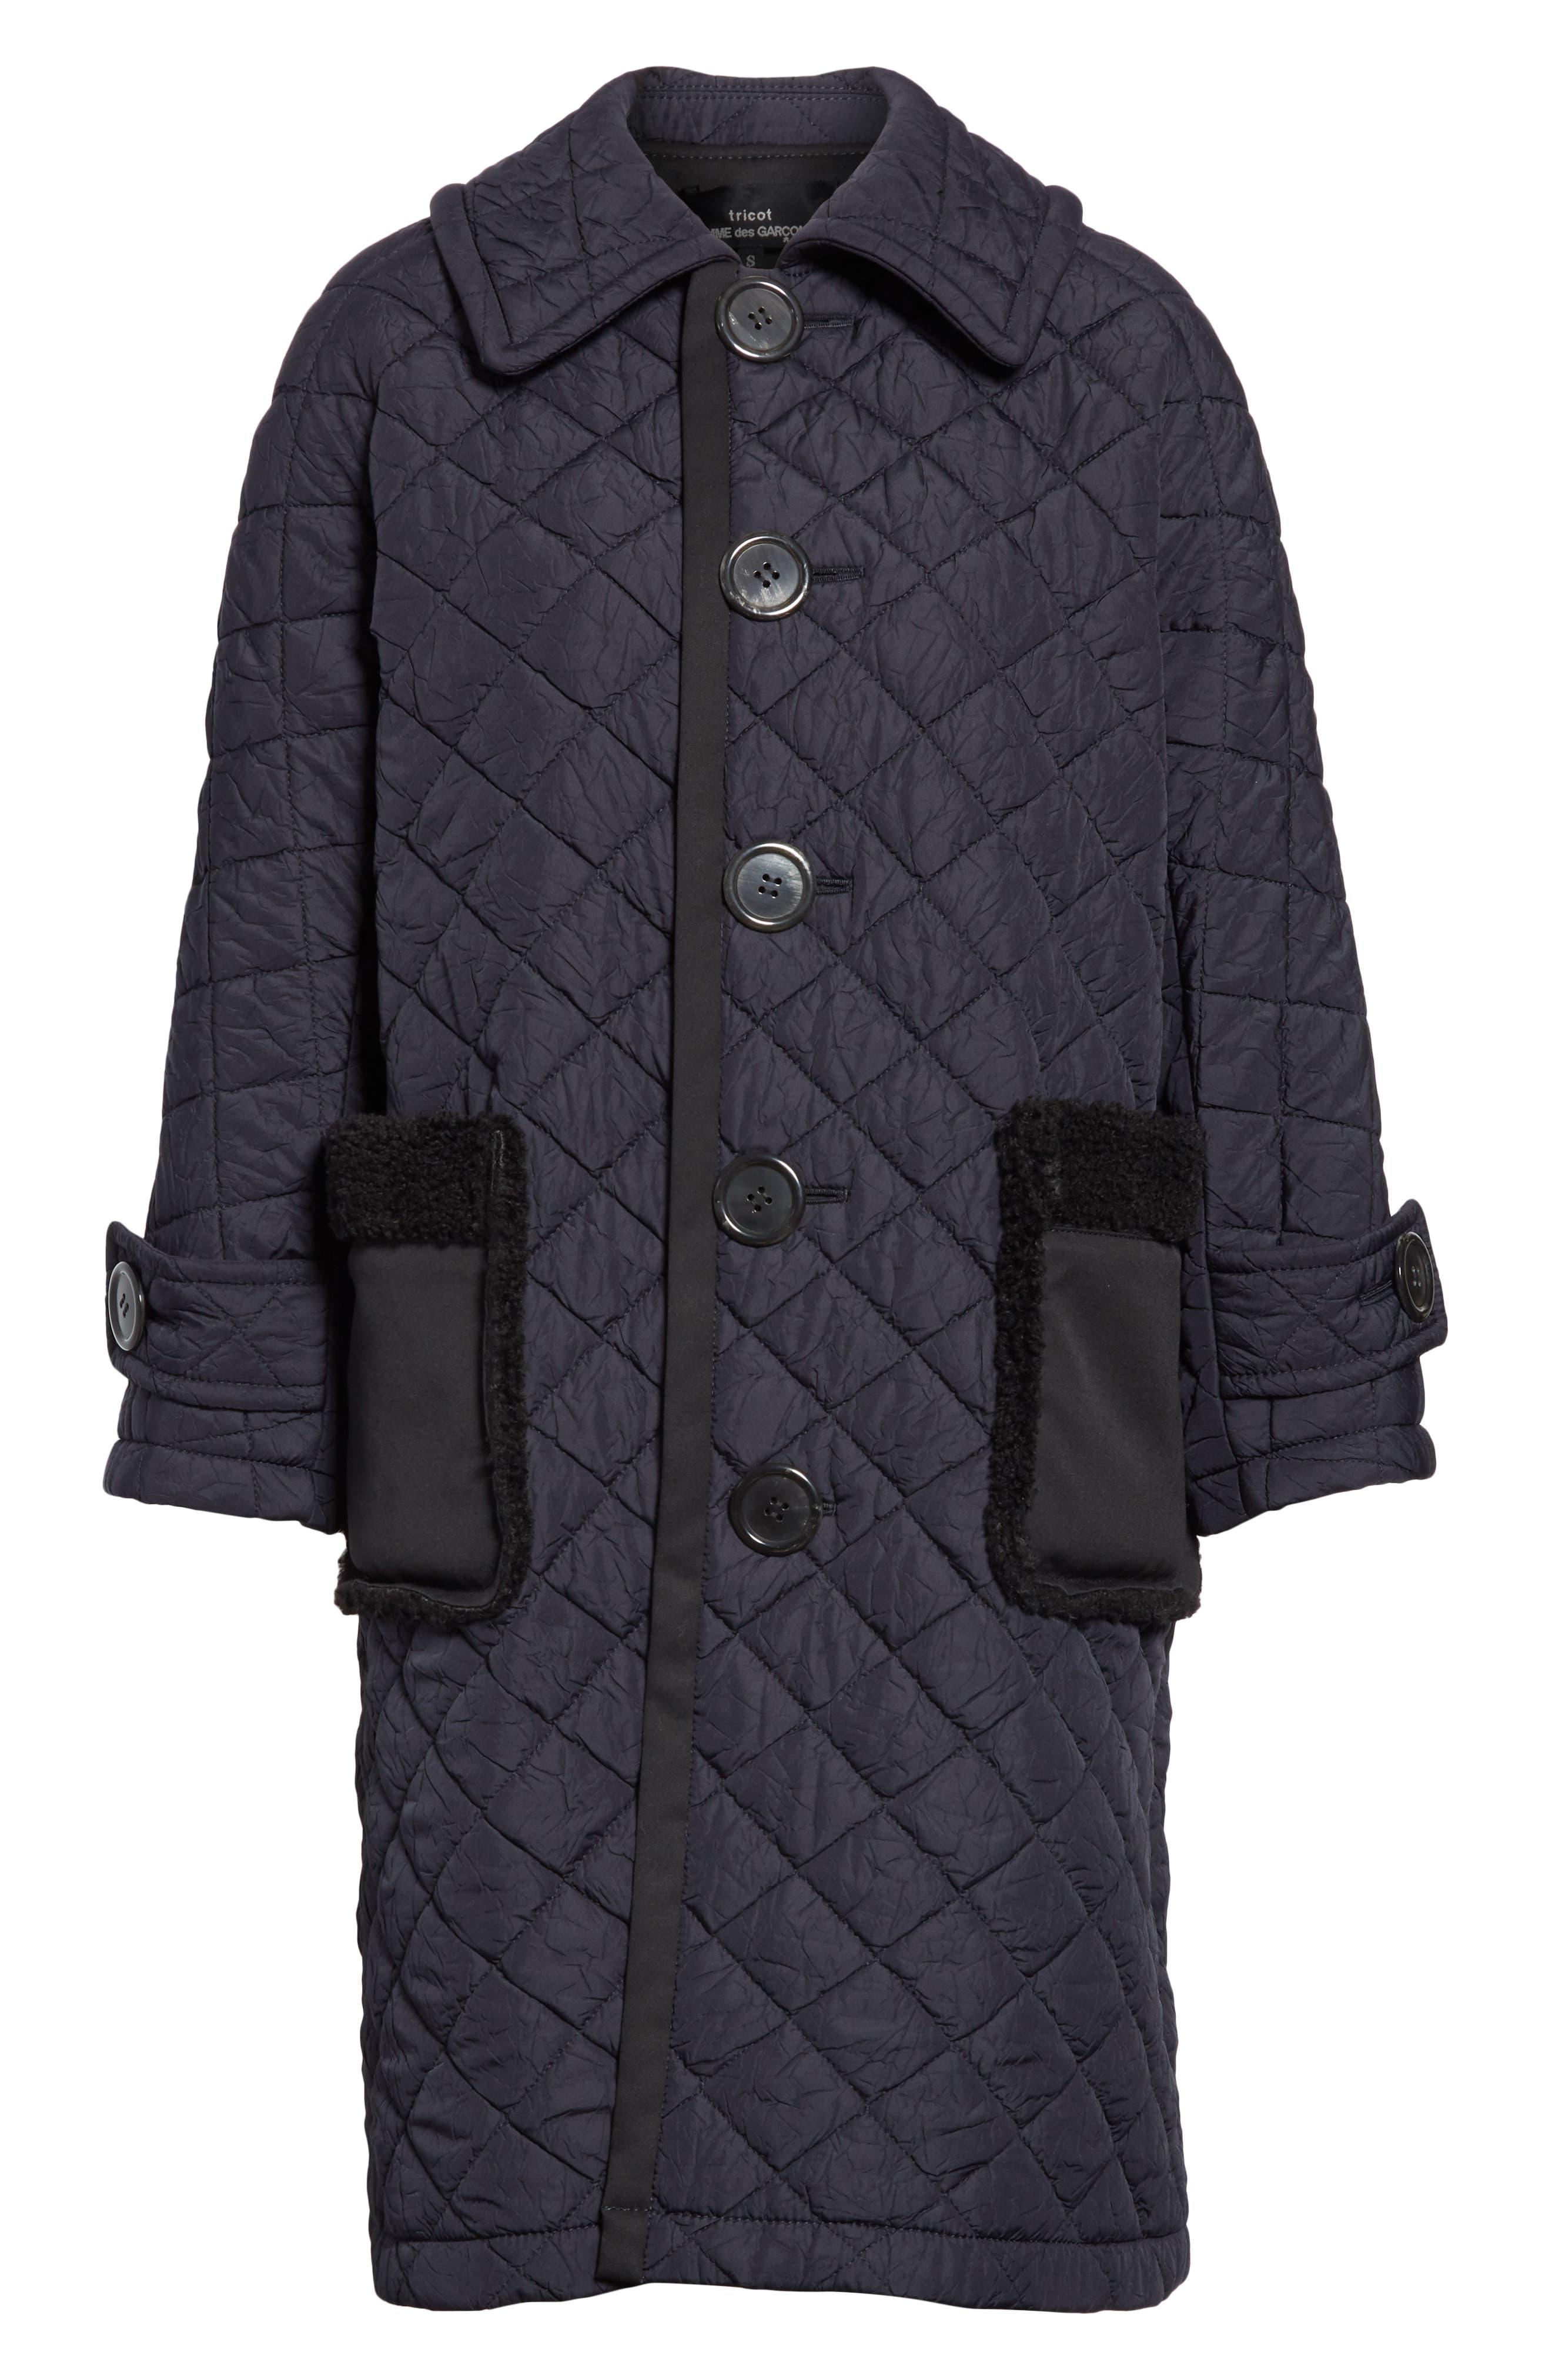 TRICOT COMME DES GARÇONS, Quilted Coat with Faux Fur Trim, Alternate thumbnail 6, color, NAVY X BLACK